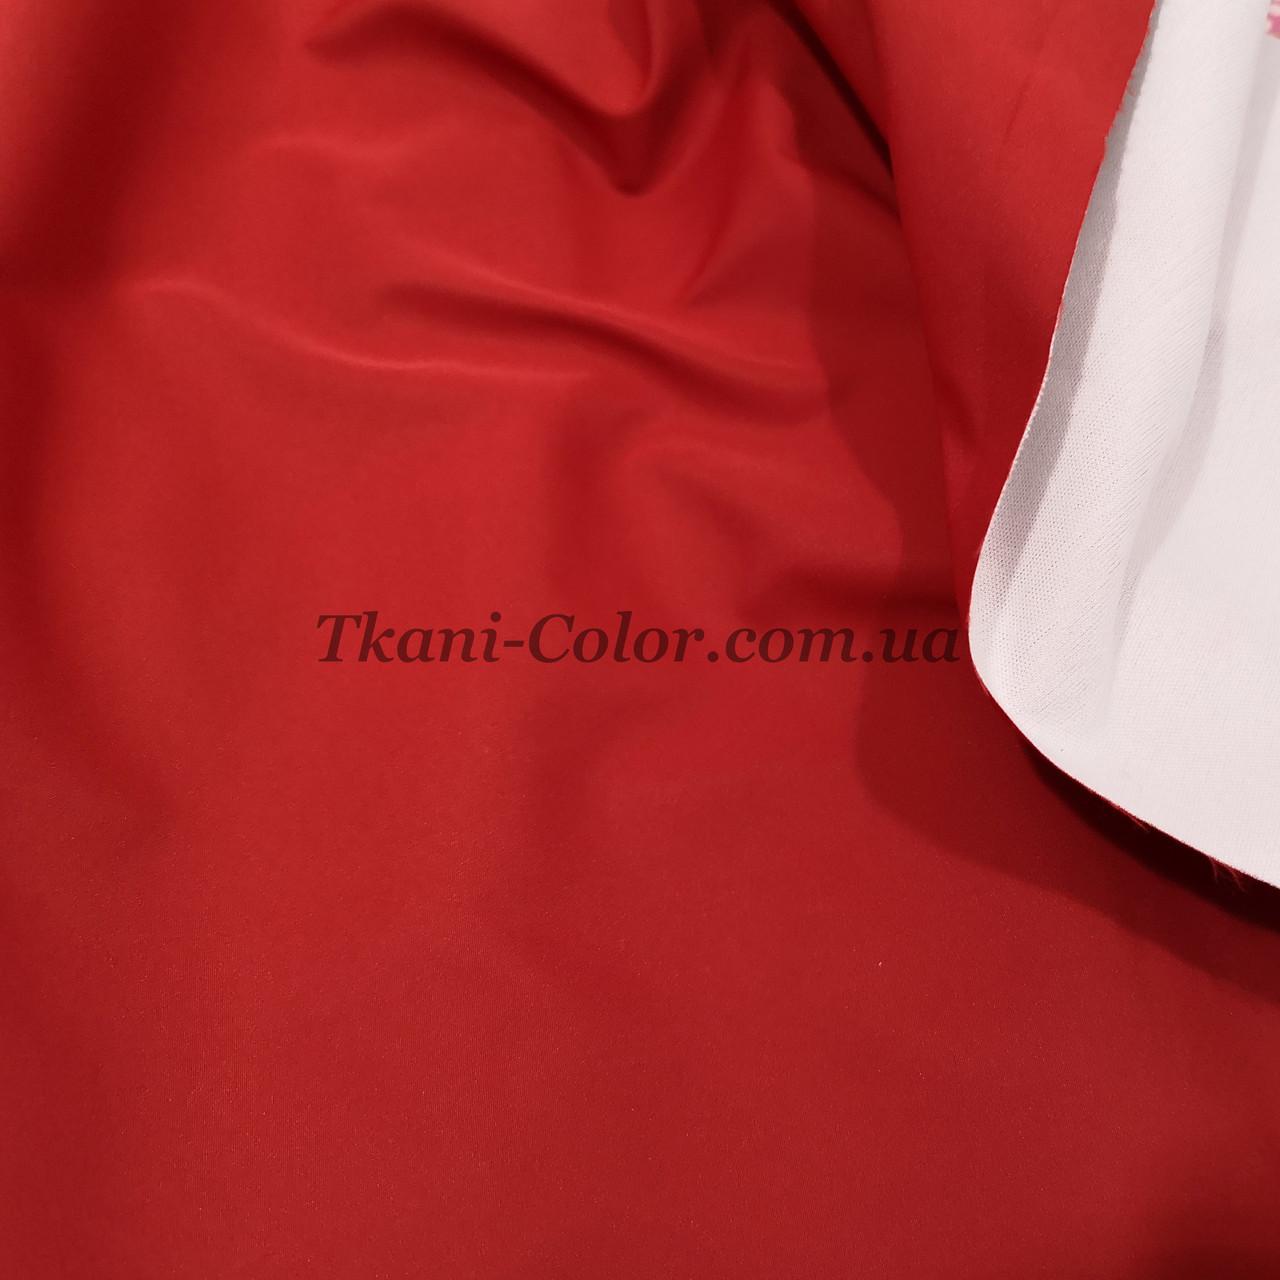 Ткань плащевка на основе президент красный